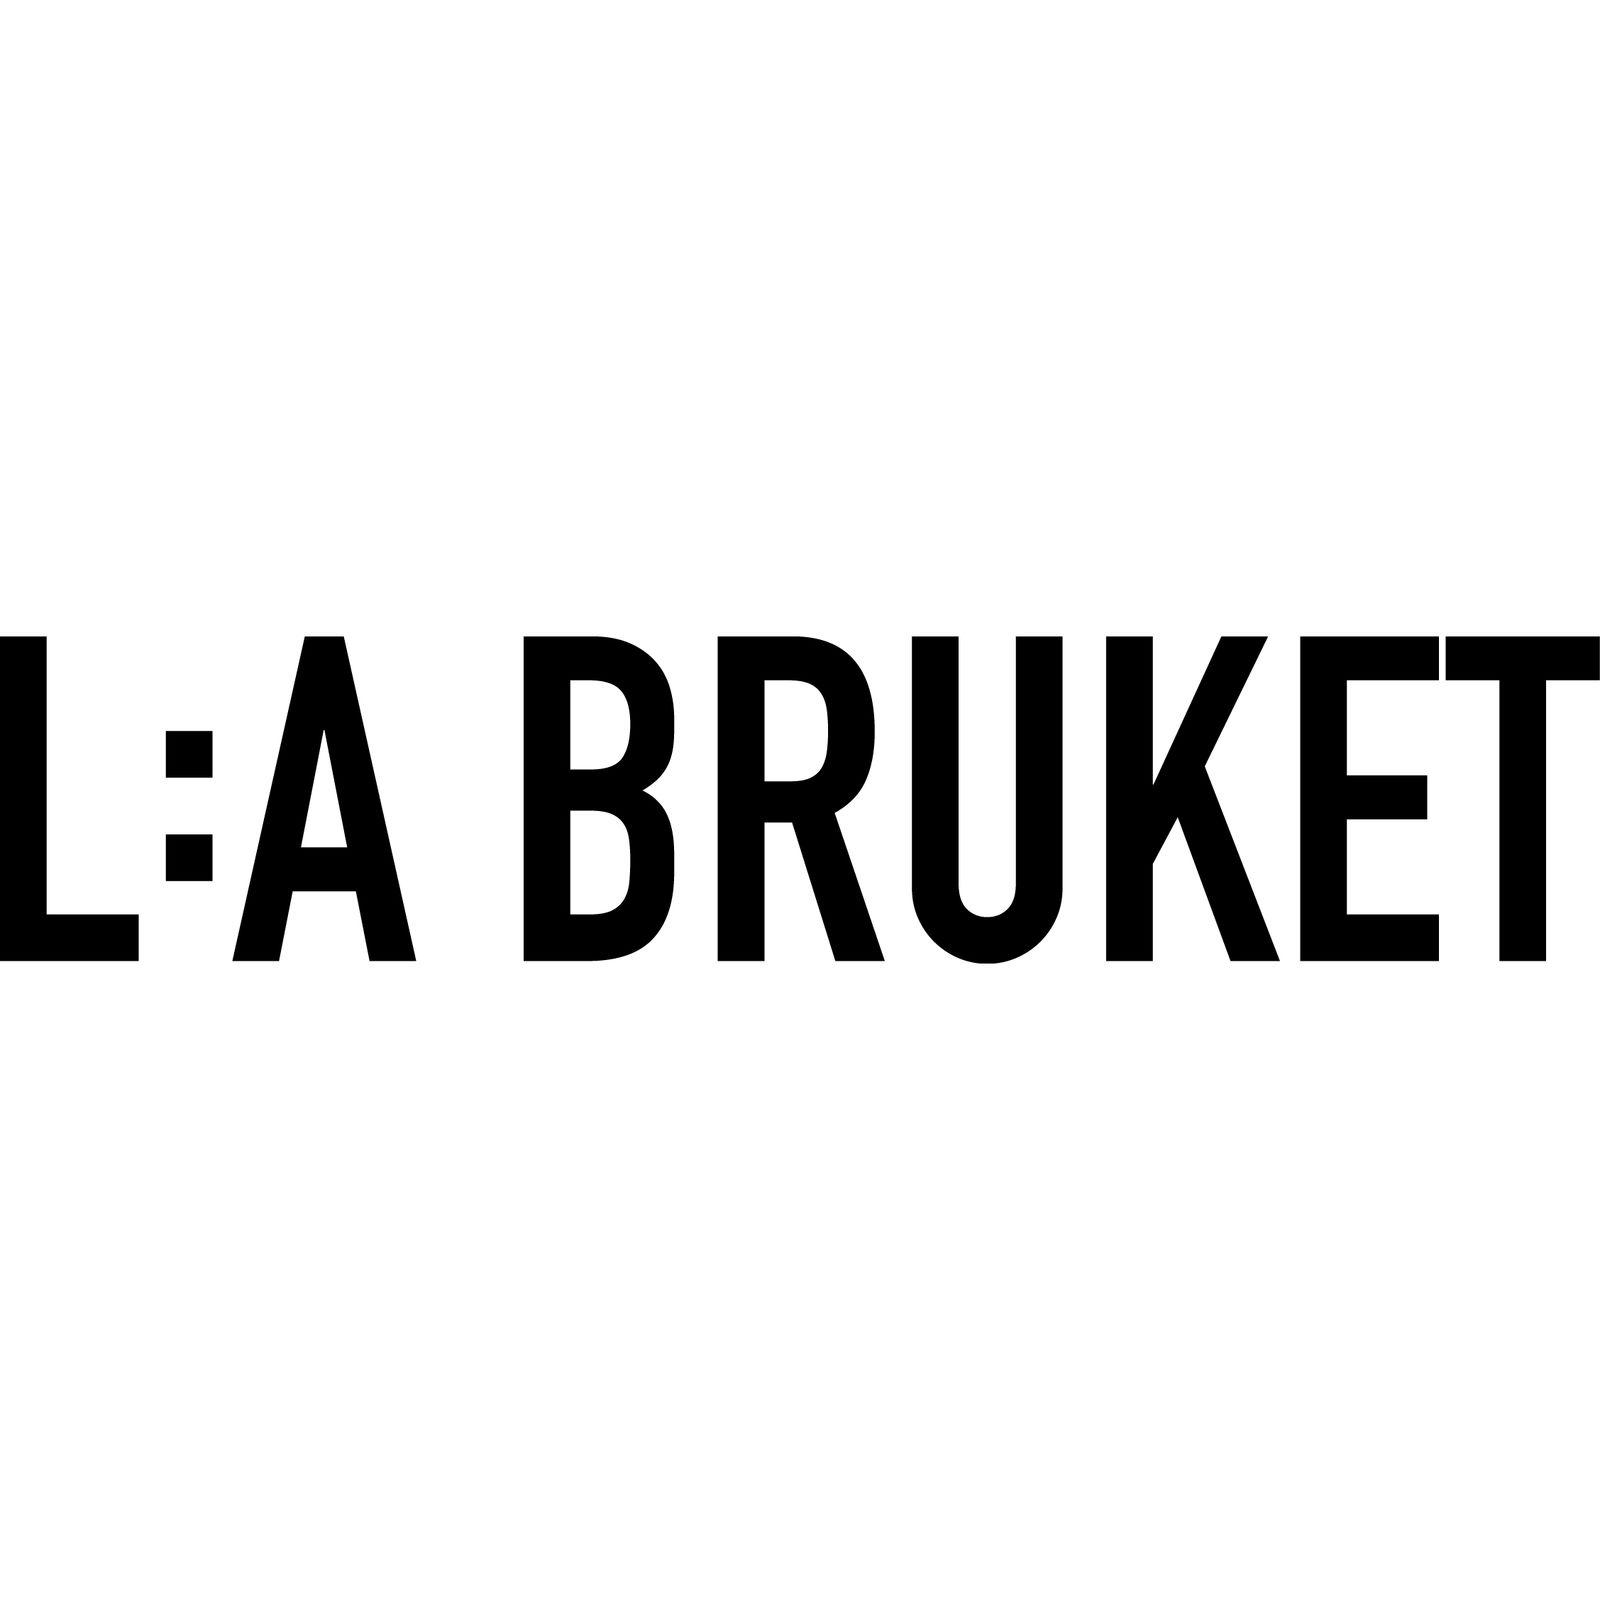 L:A BRUKET (Bild 1)